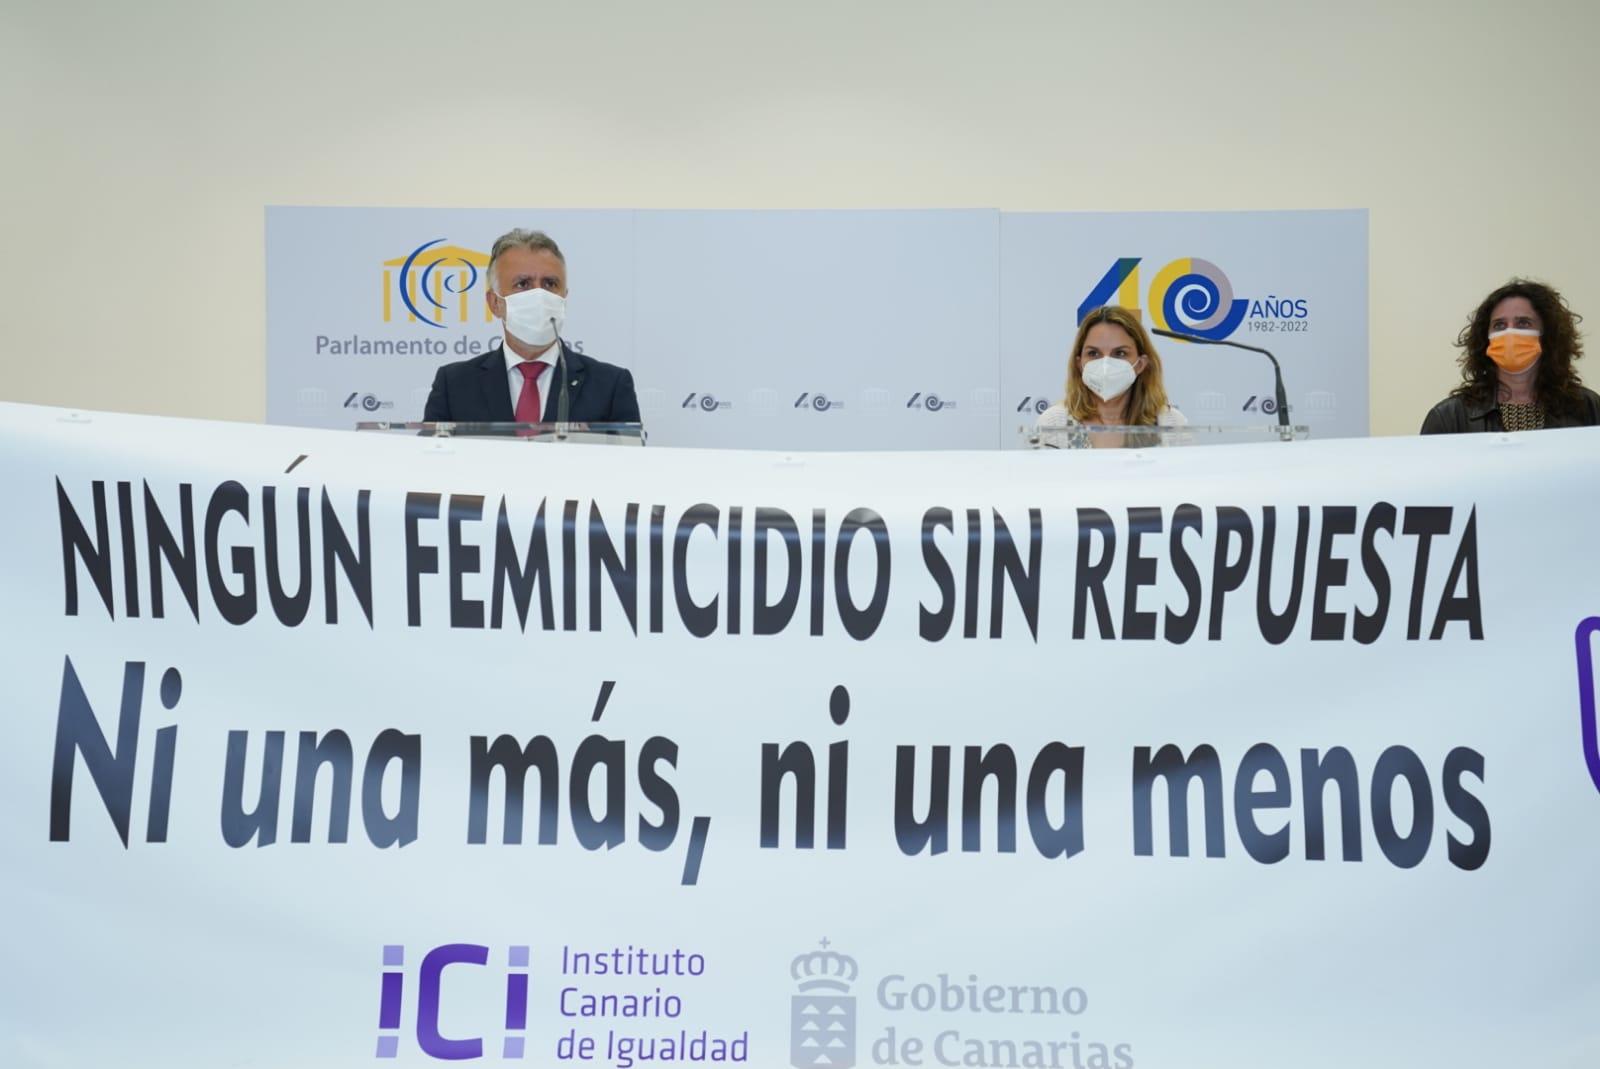 DEl Gobierno de Canarias condena el último feminicidio en Las Palmas de Gran Canaria